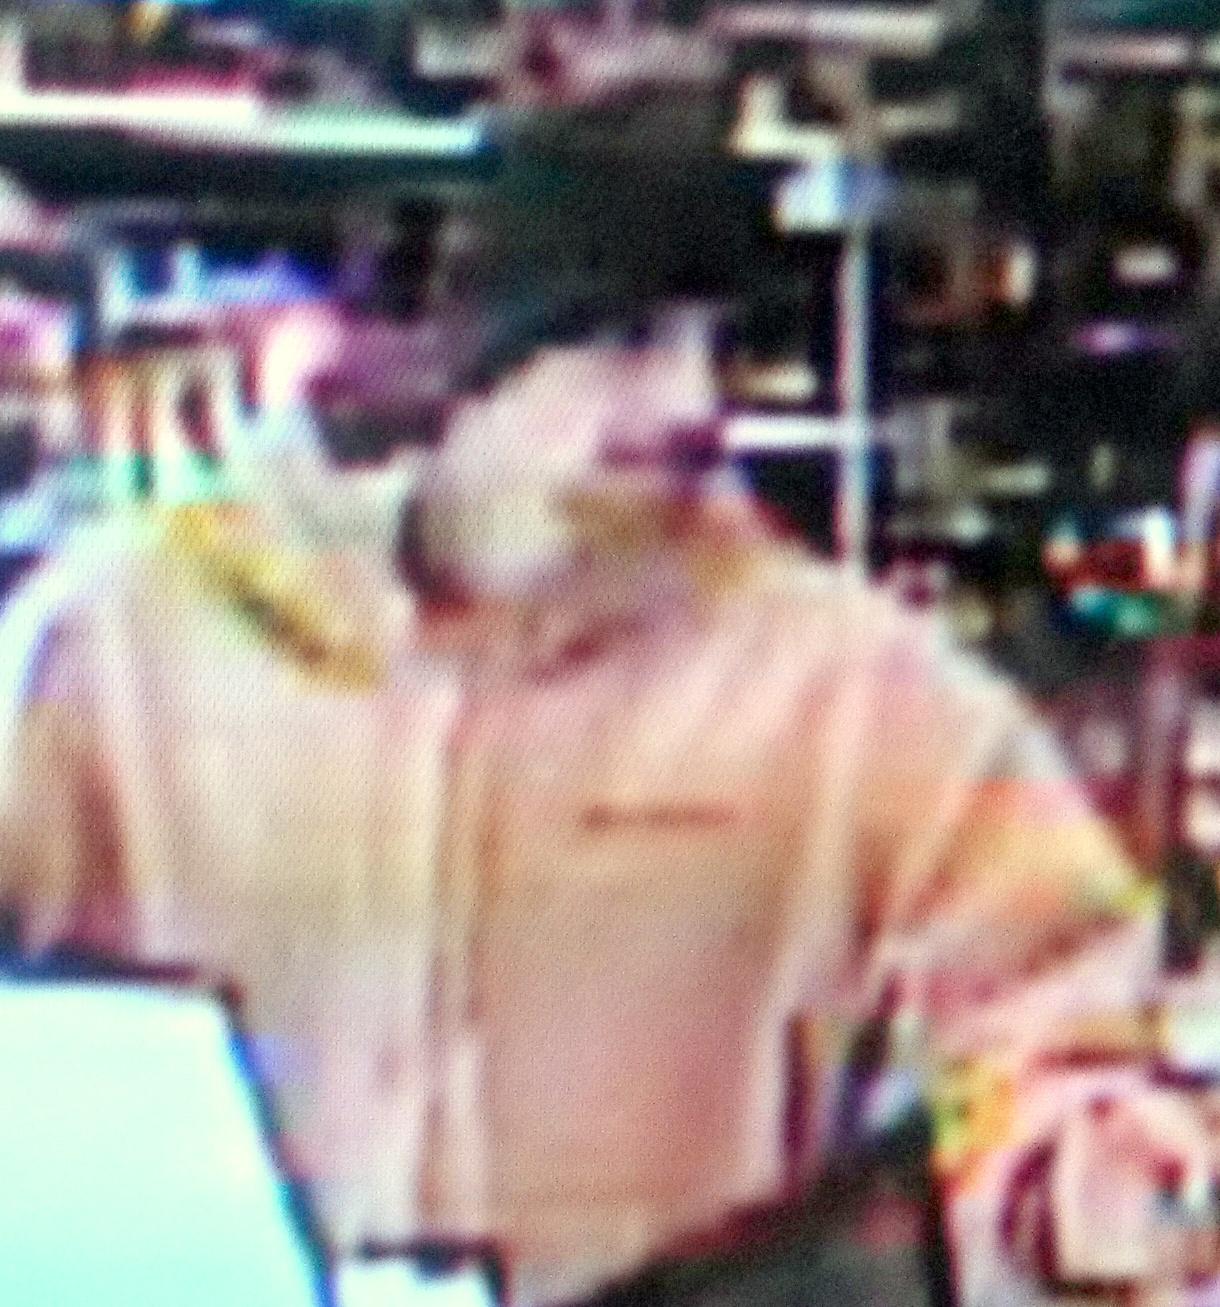 Gun Theft Suspect